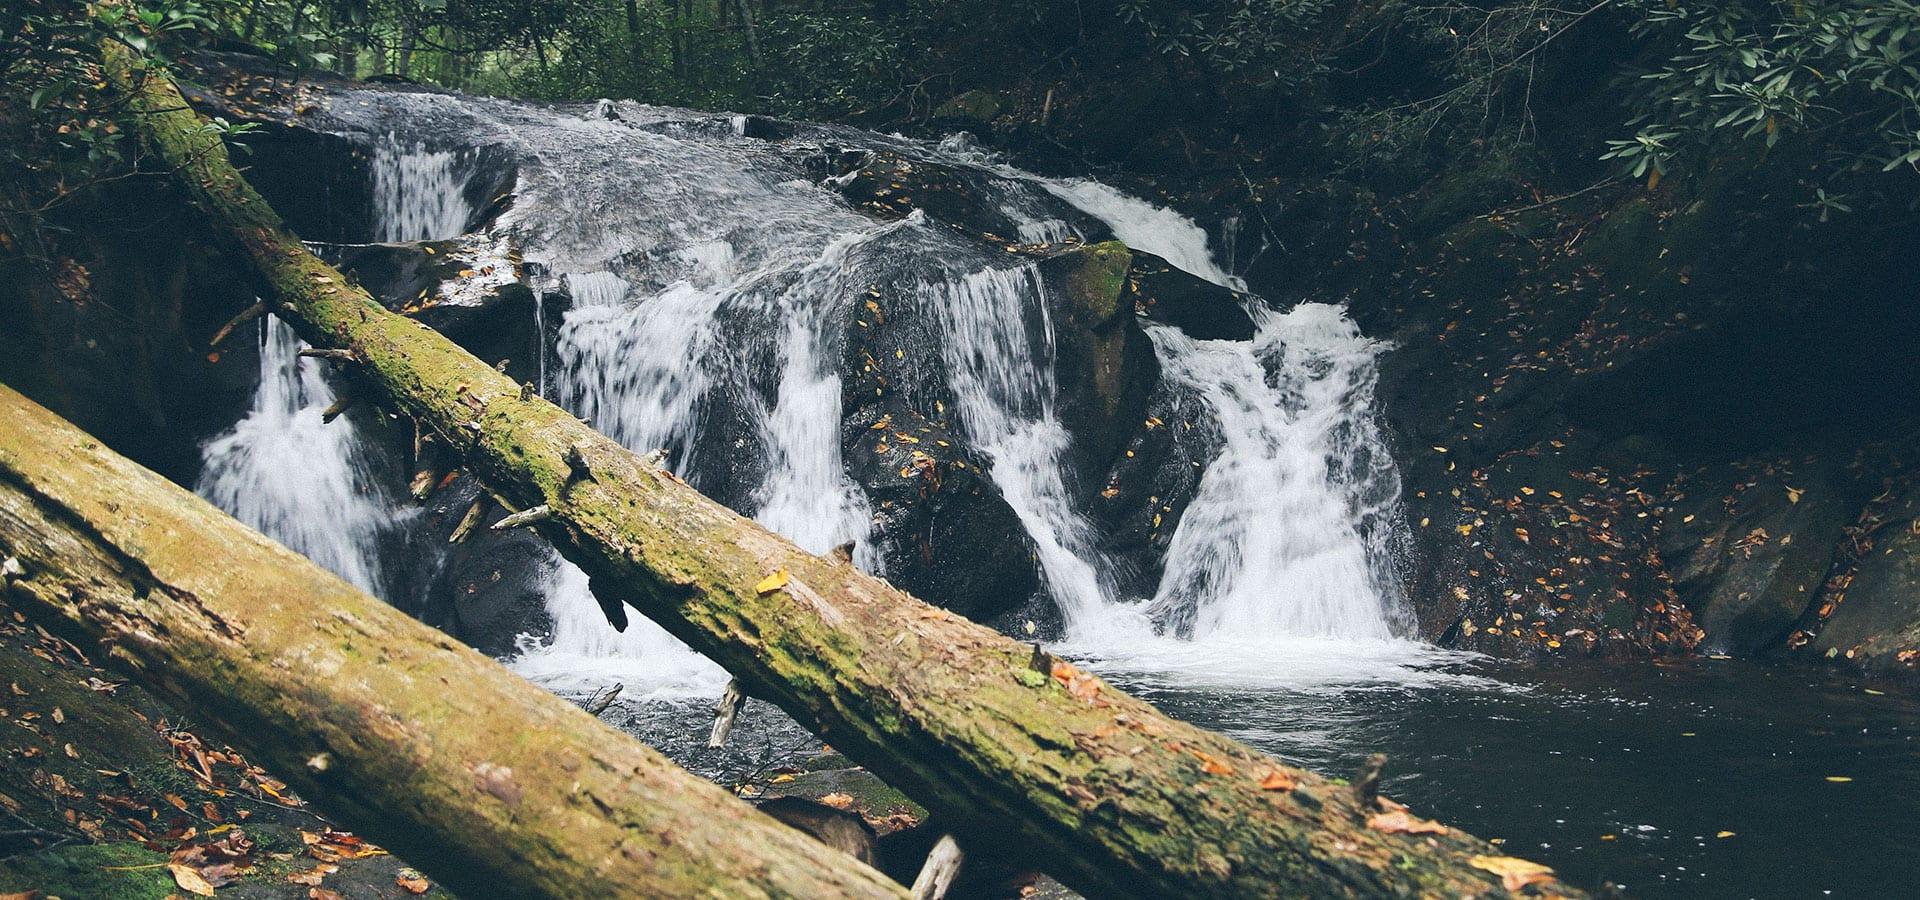 Duke's Creek